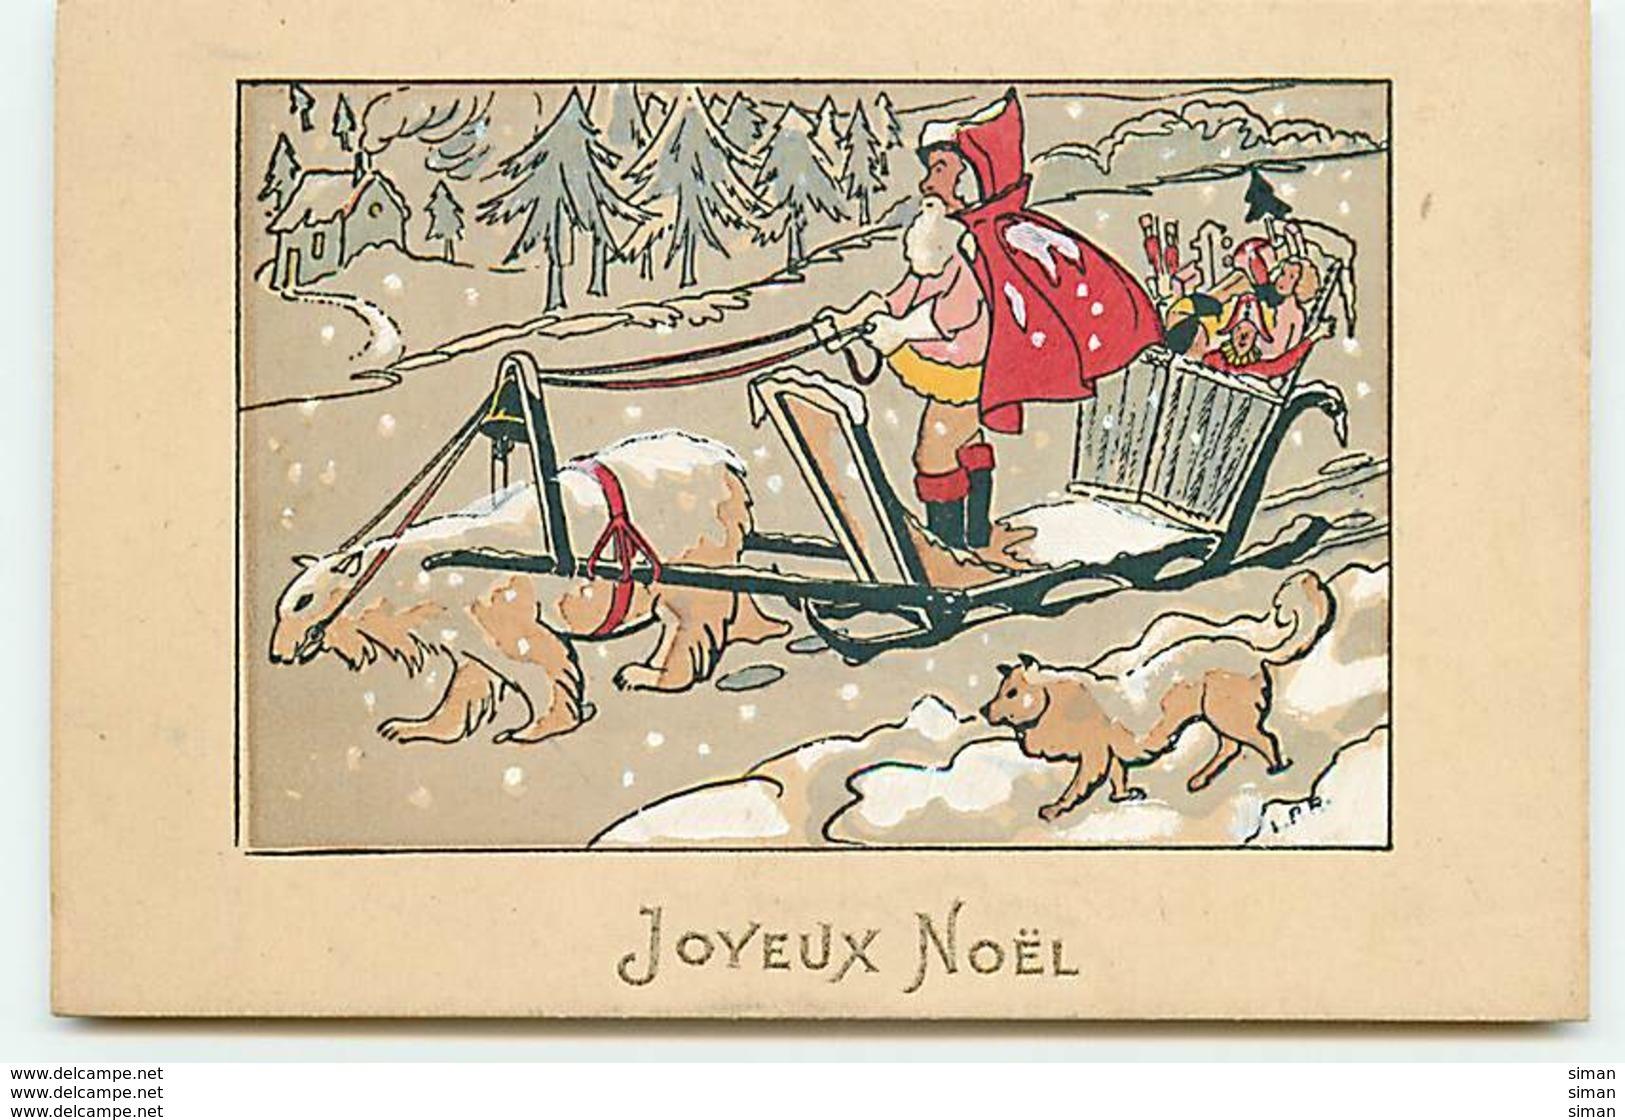 N°11186 - Carte Fantaisie - Joyeux Noël - Père Noël - Attelage Avec Un Ours Blanc - Noël